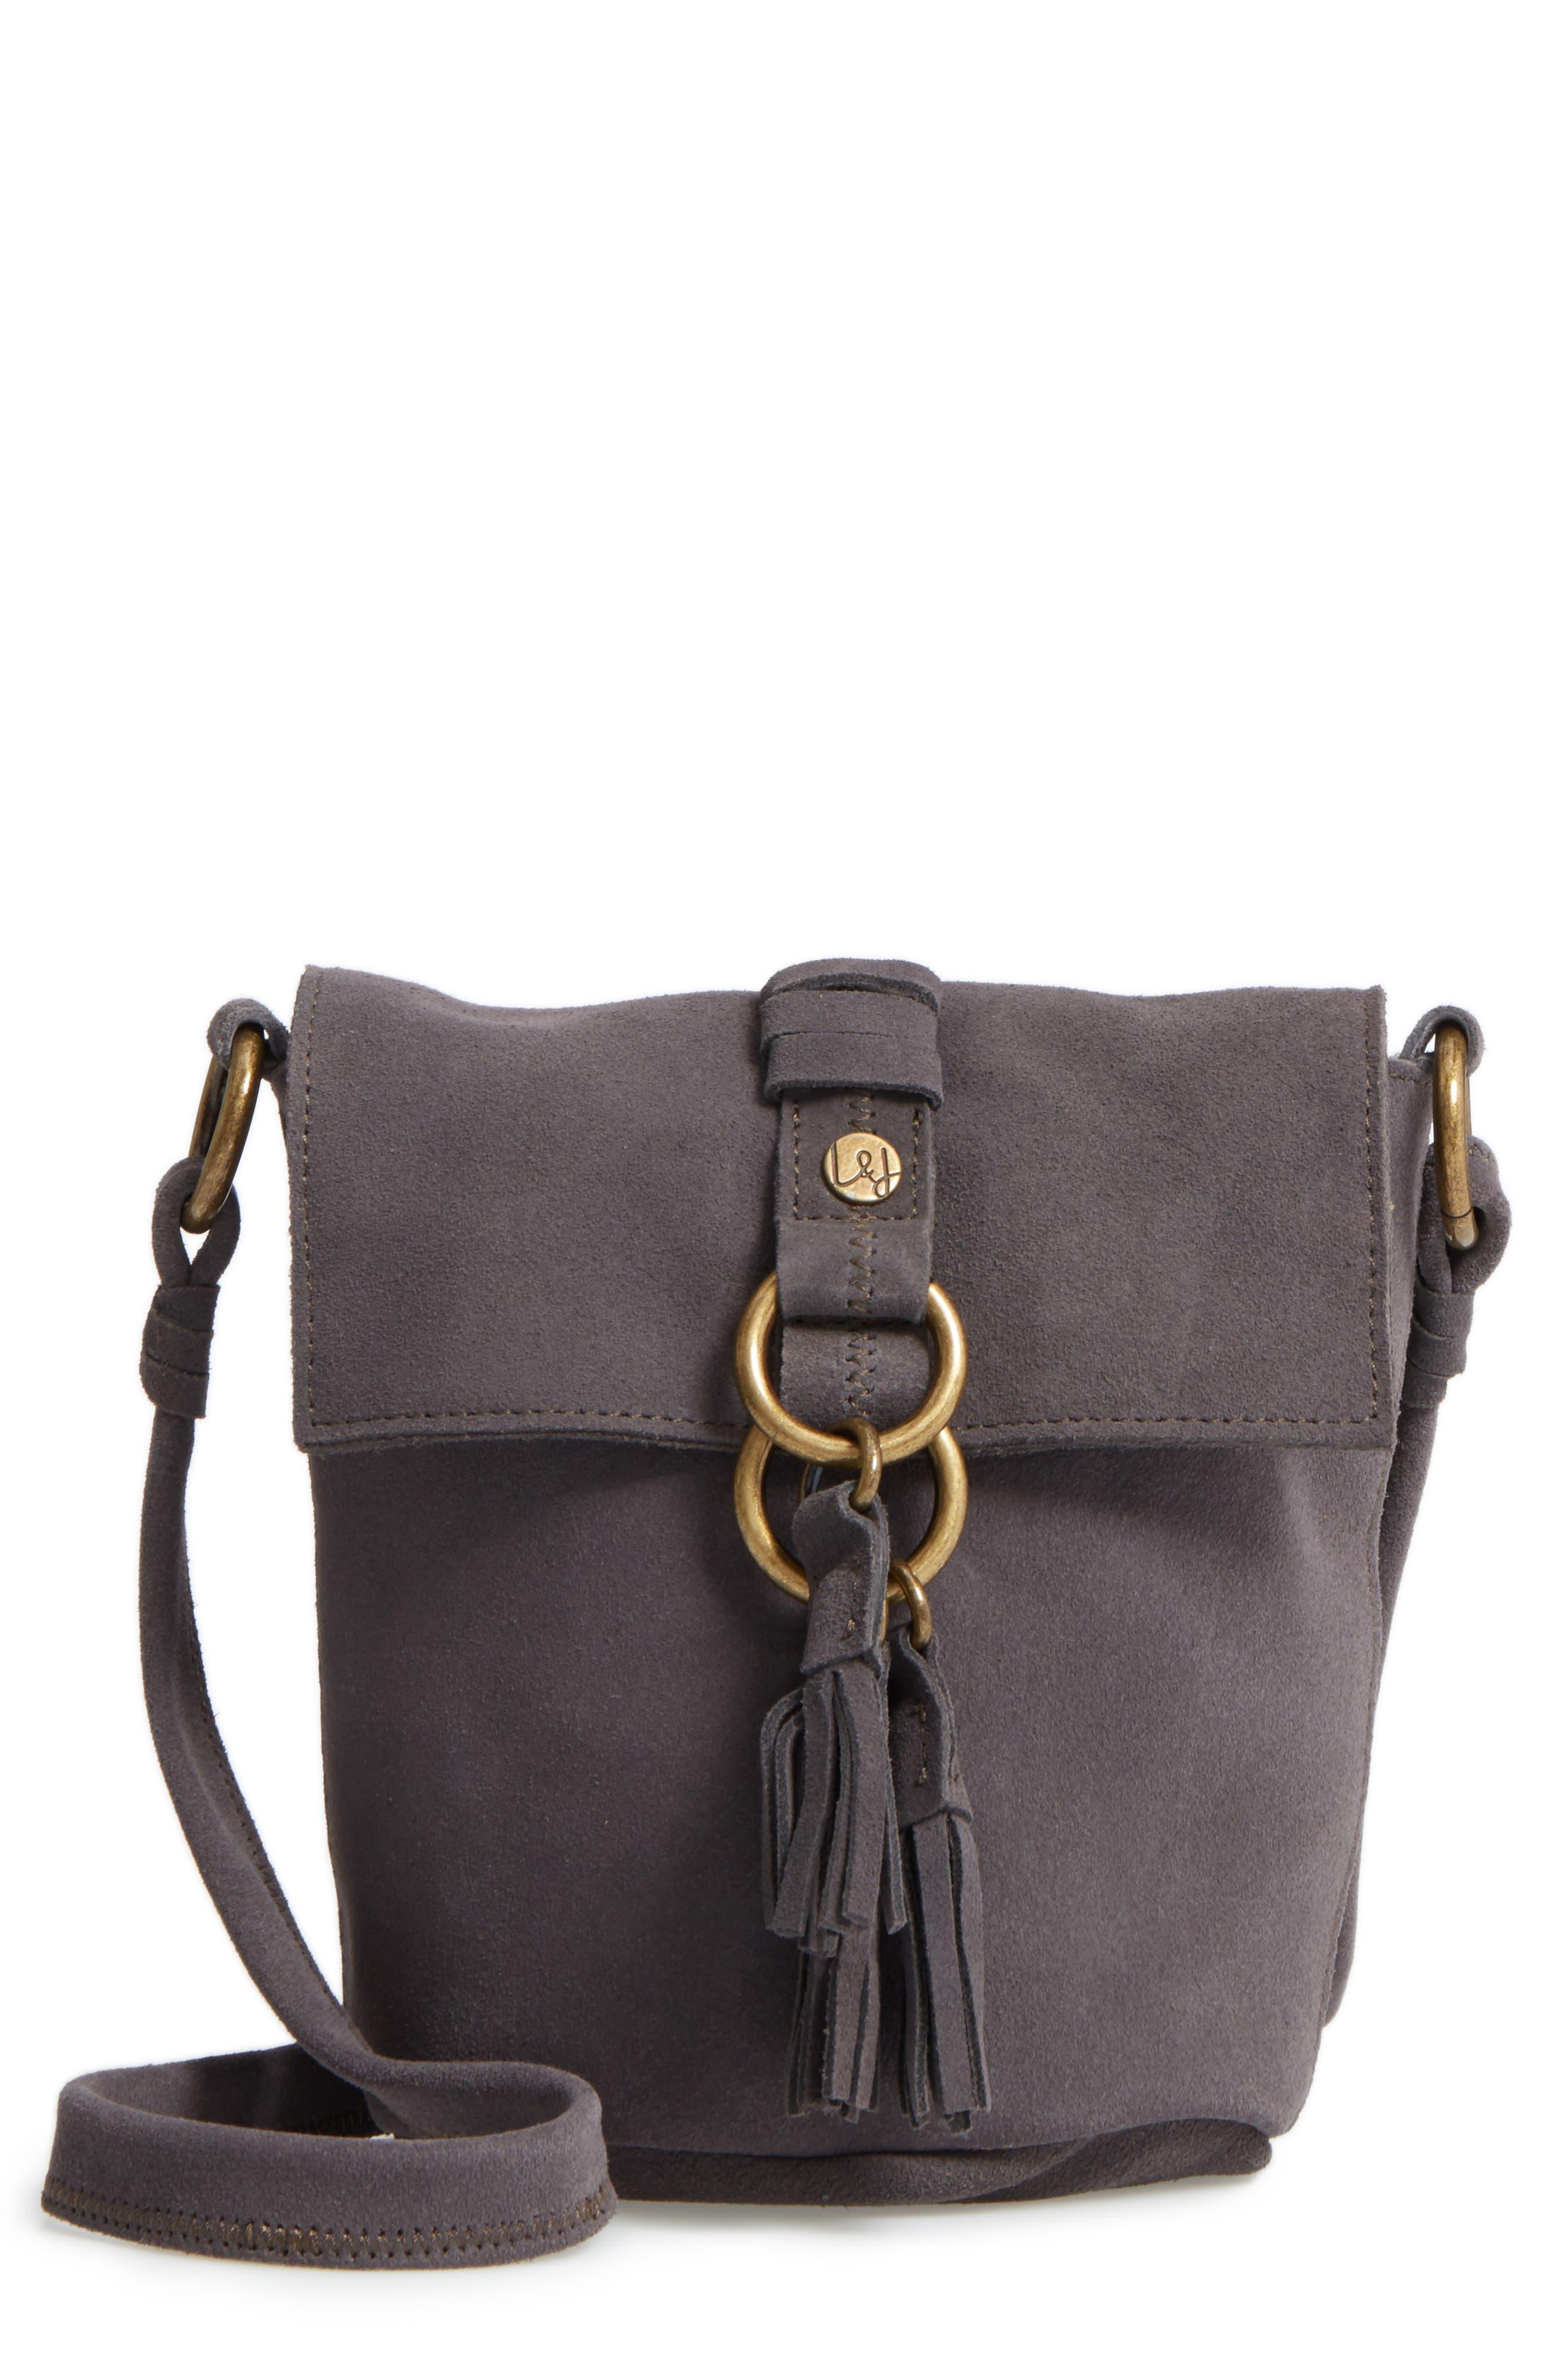 Alternate Image 1 Selected - Elle & Jae Gypset Wildleder Suede Crossbody Bag